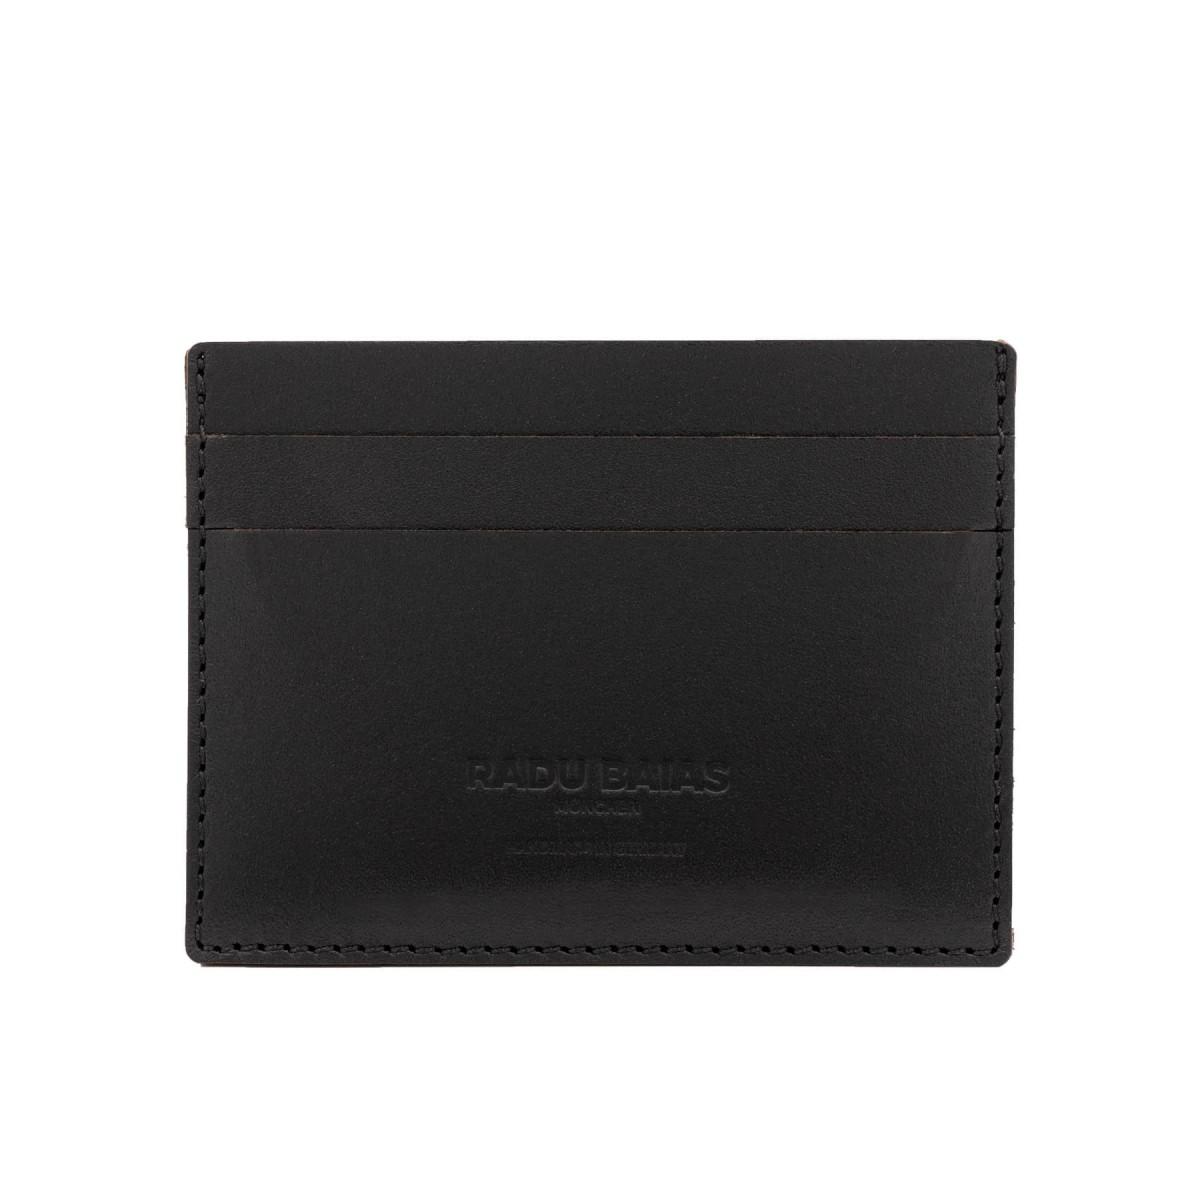 Cardholder Wallet Klein in schwarz - aus premium pflanzlich gegerbtem Leder